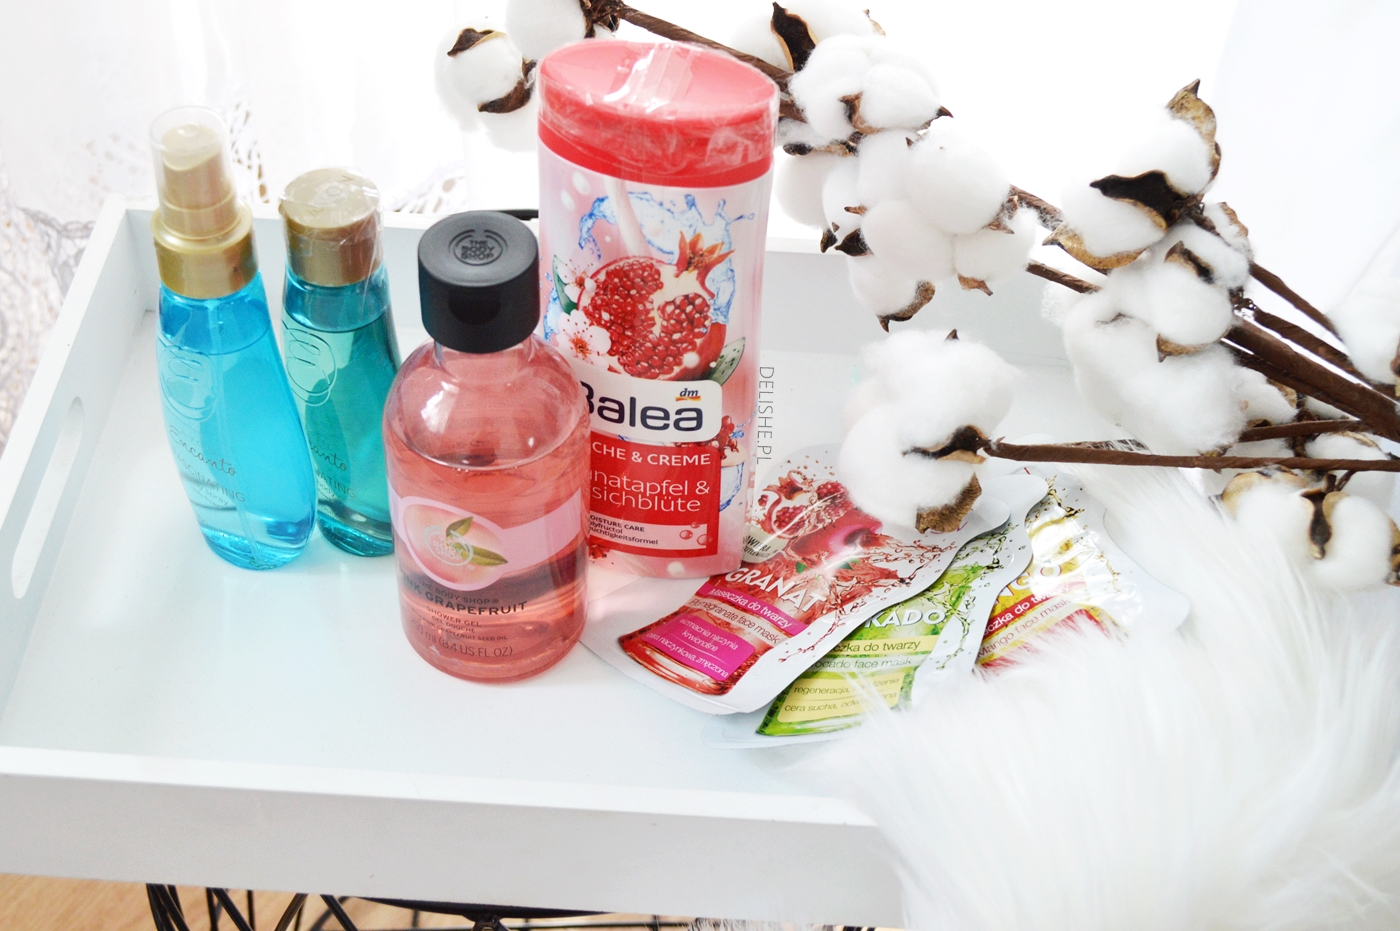 wakacyjne kosmetyki bath&body works, balea, oriflame